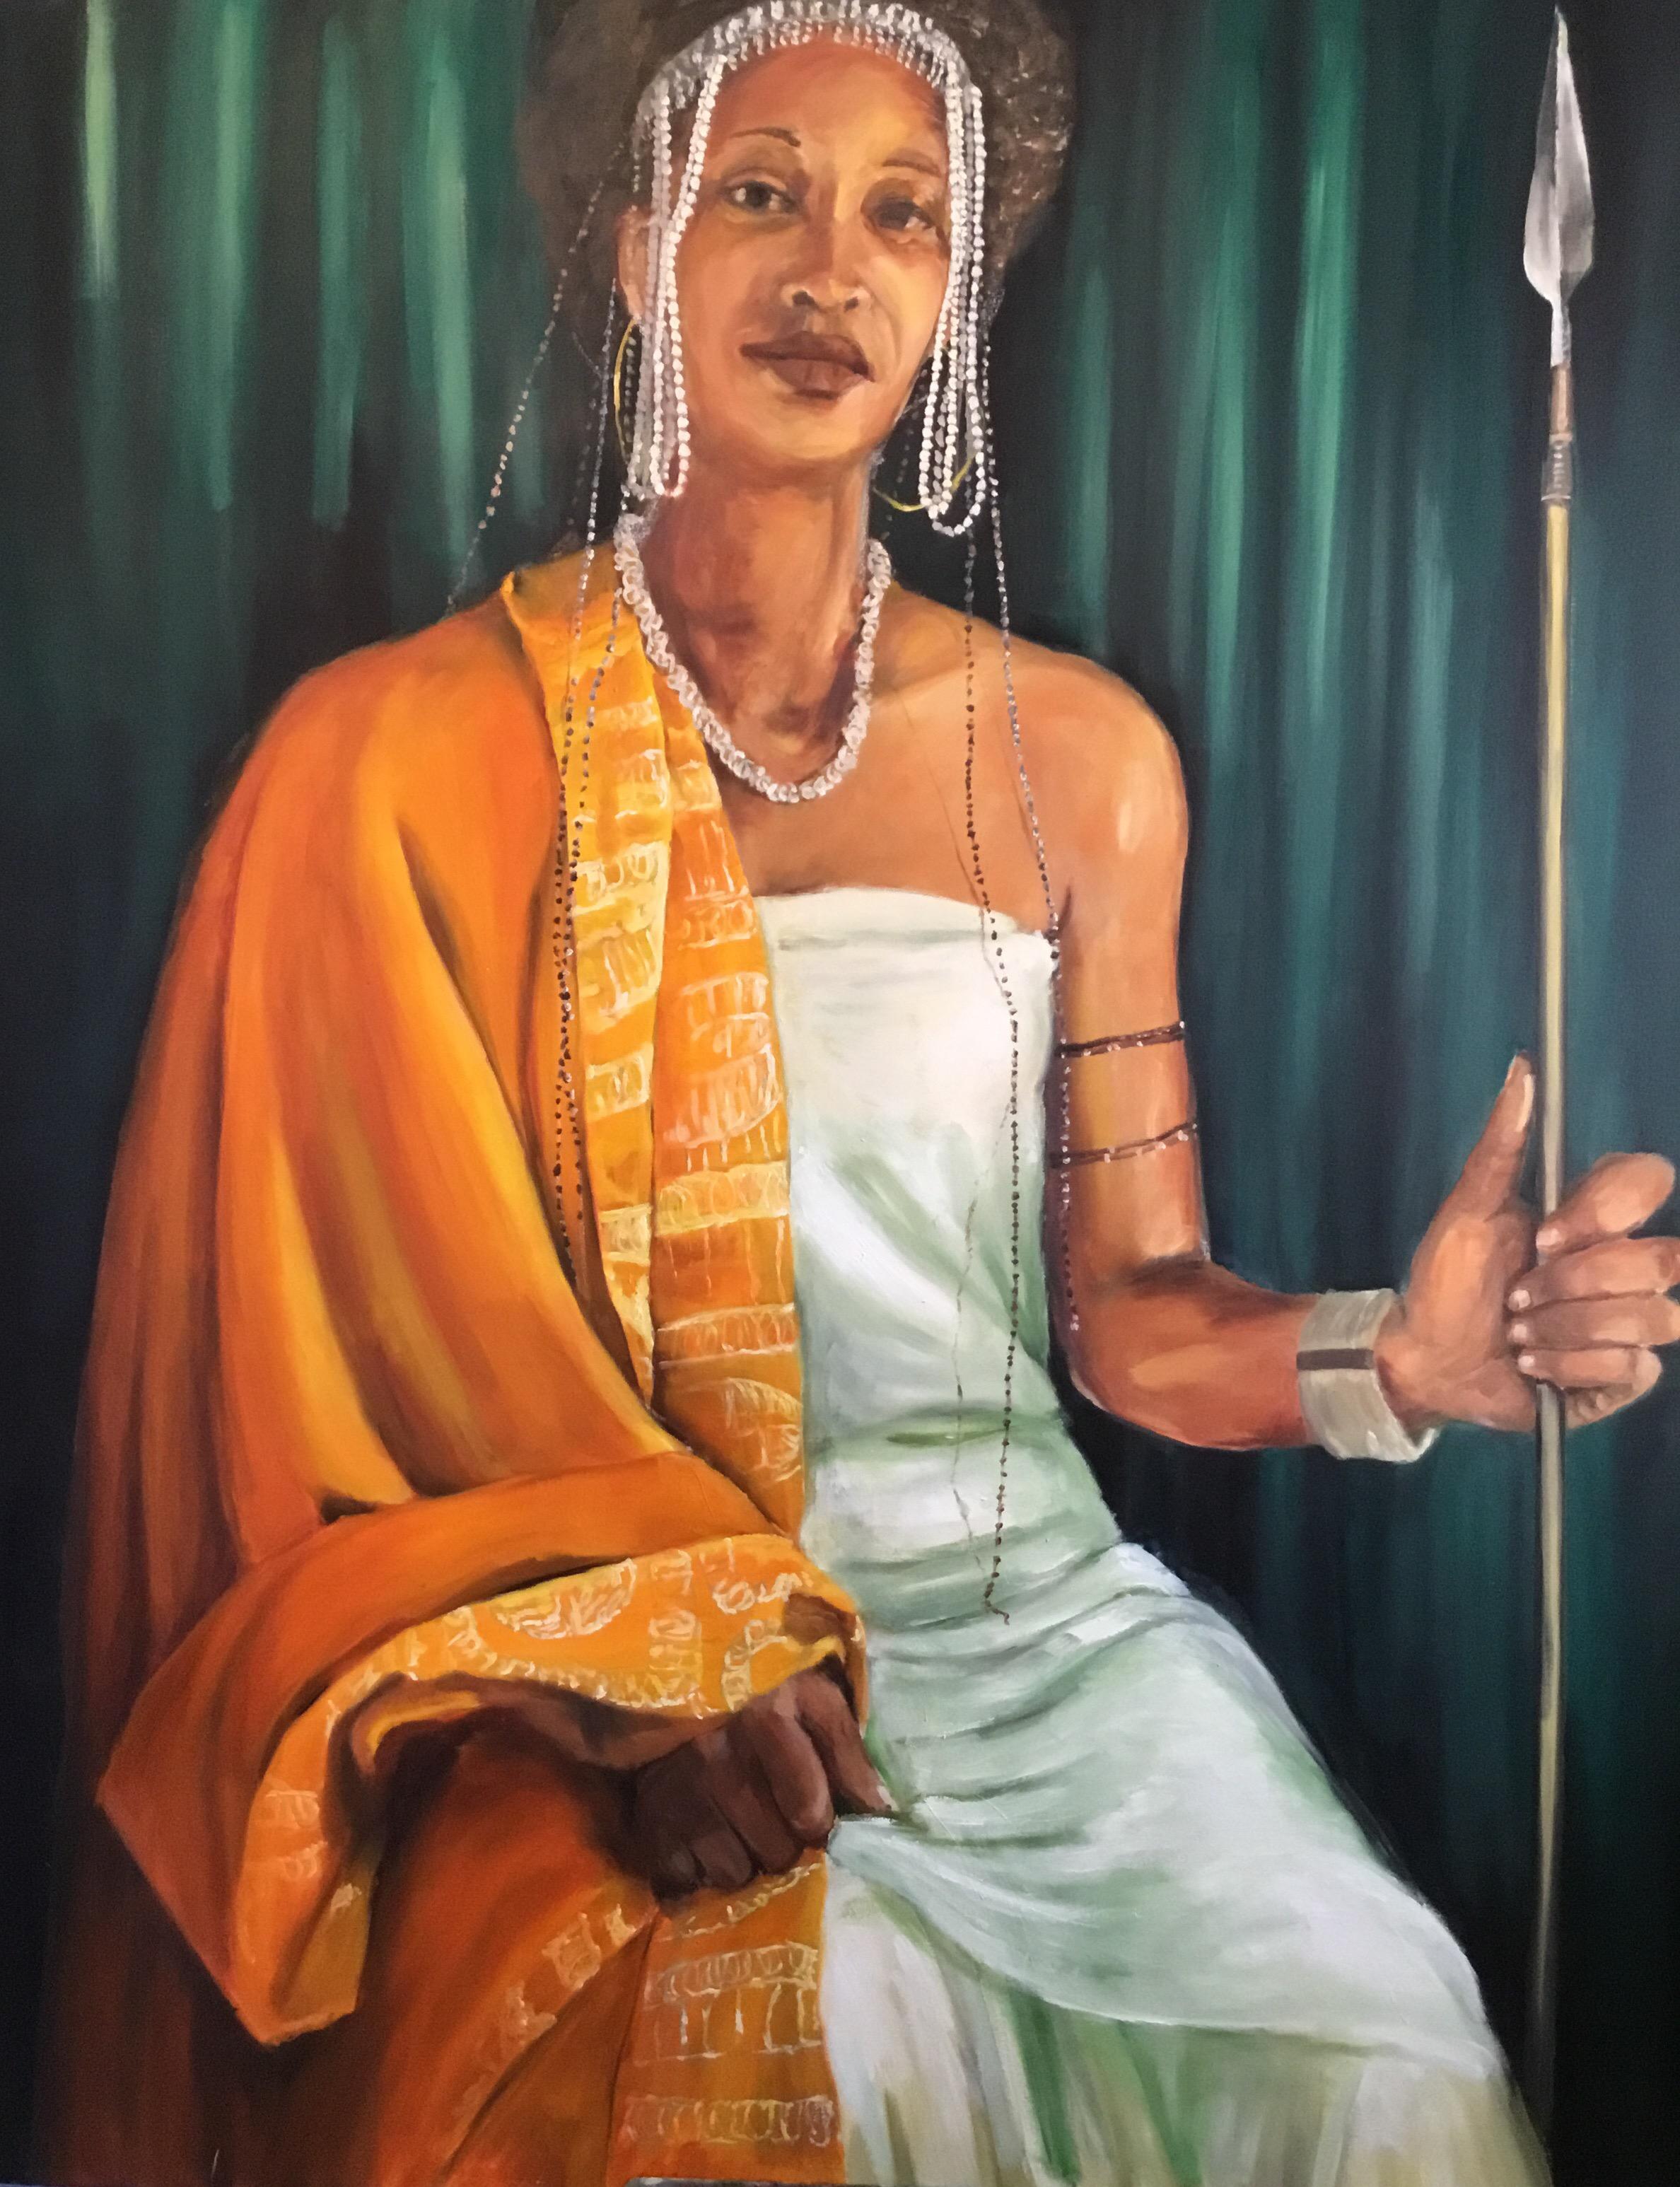 Dionna as Queen Amanirenas